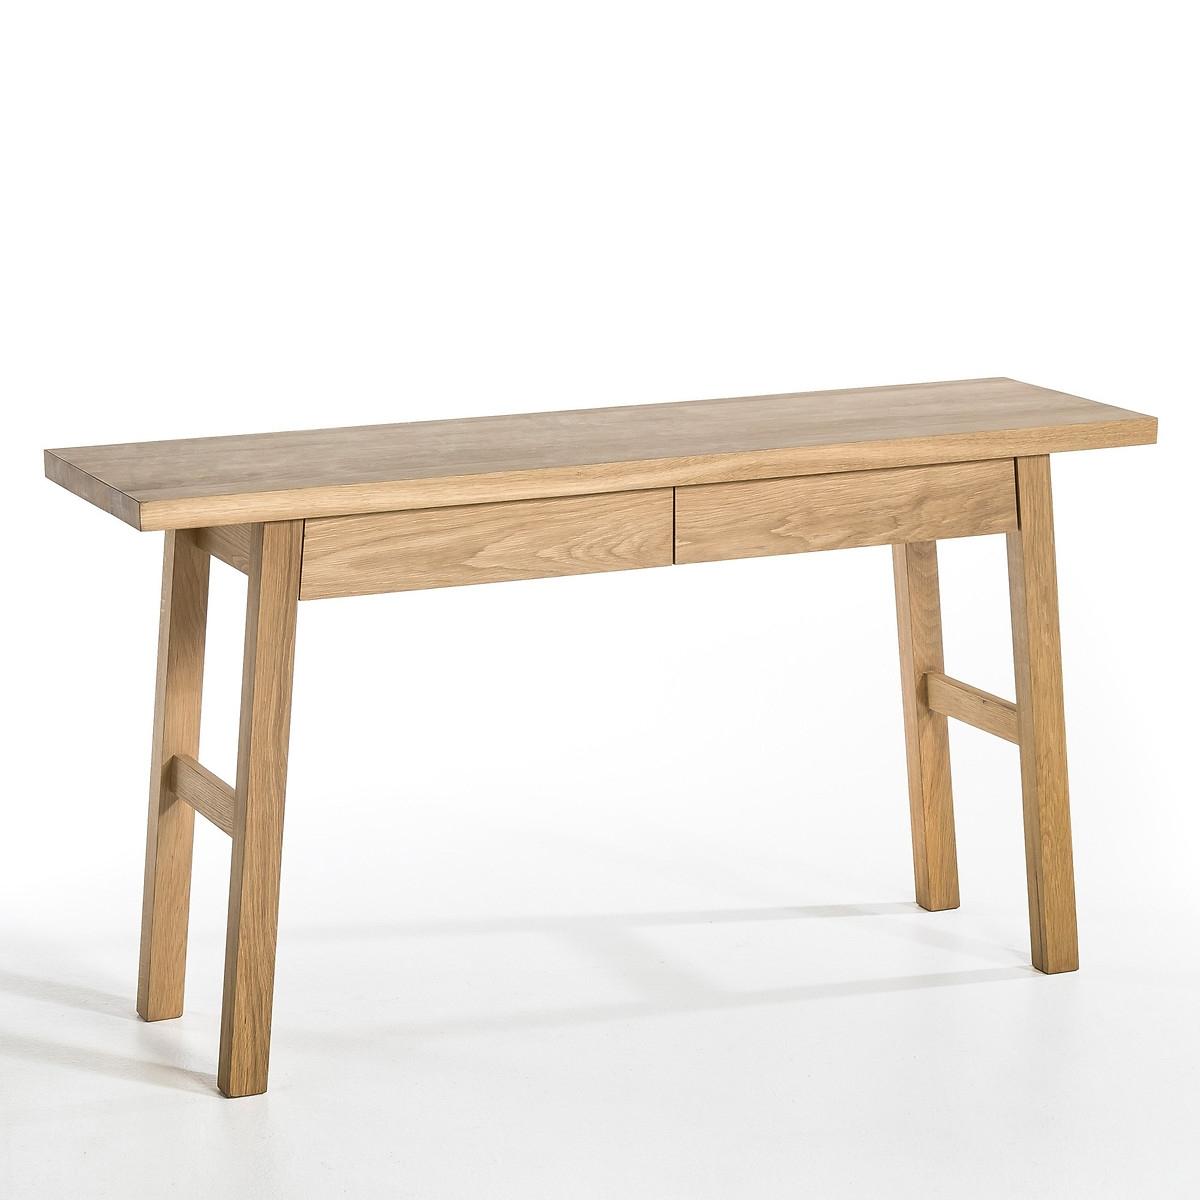 Стол-консоль LaRedoute Из массива дуба Liu единый размер каштановый столик laredoute журнальный из дуба покрытого олифой adelita единый размер каштановый